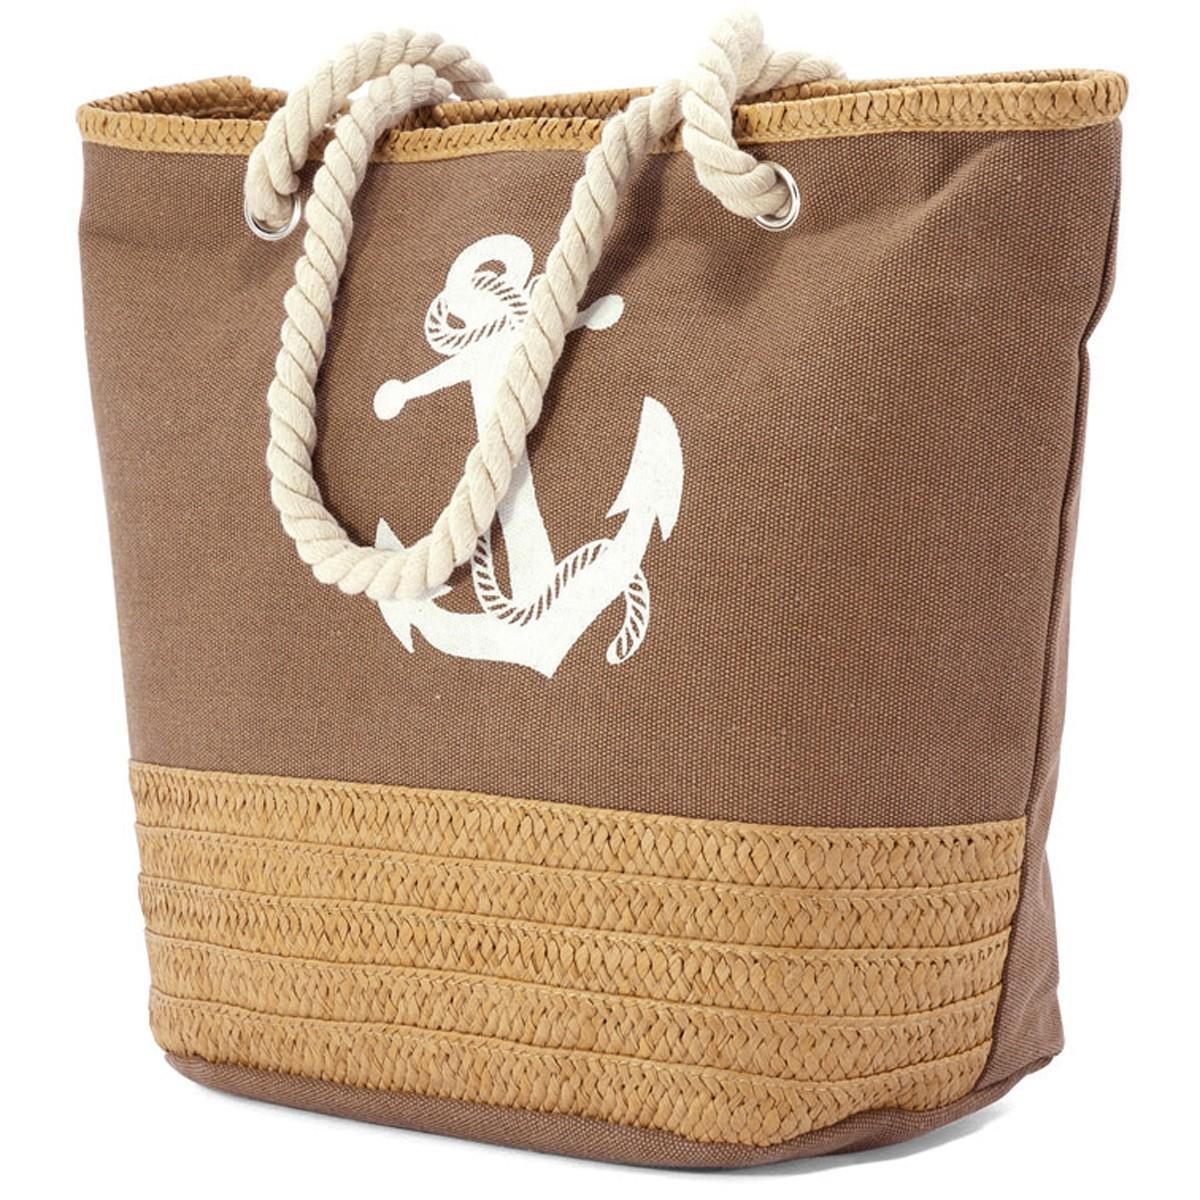 Τσάντα Παραλίας Benzi 4773 Brown home   θαλάσσης   τσάντες παραλίας